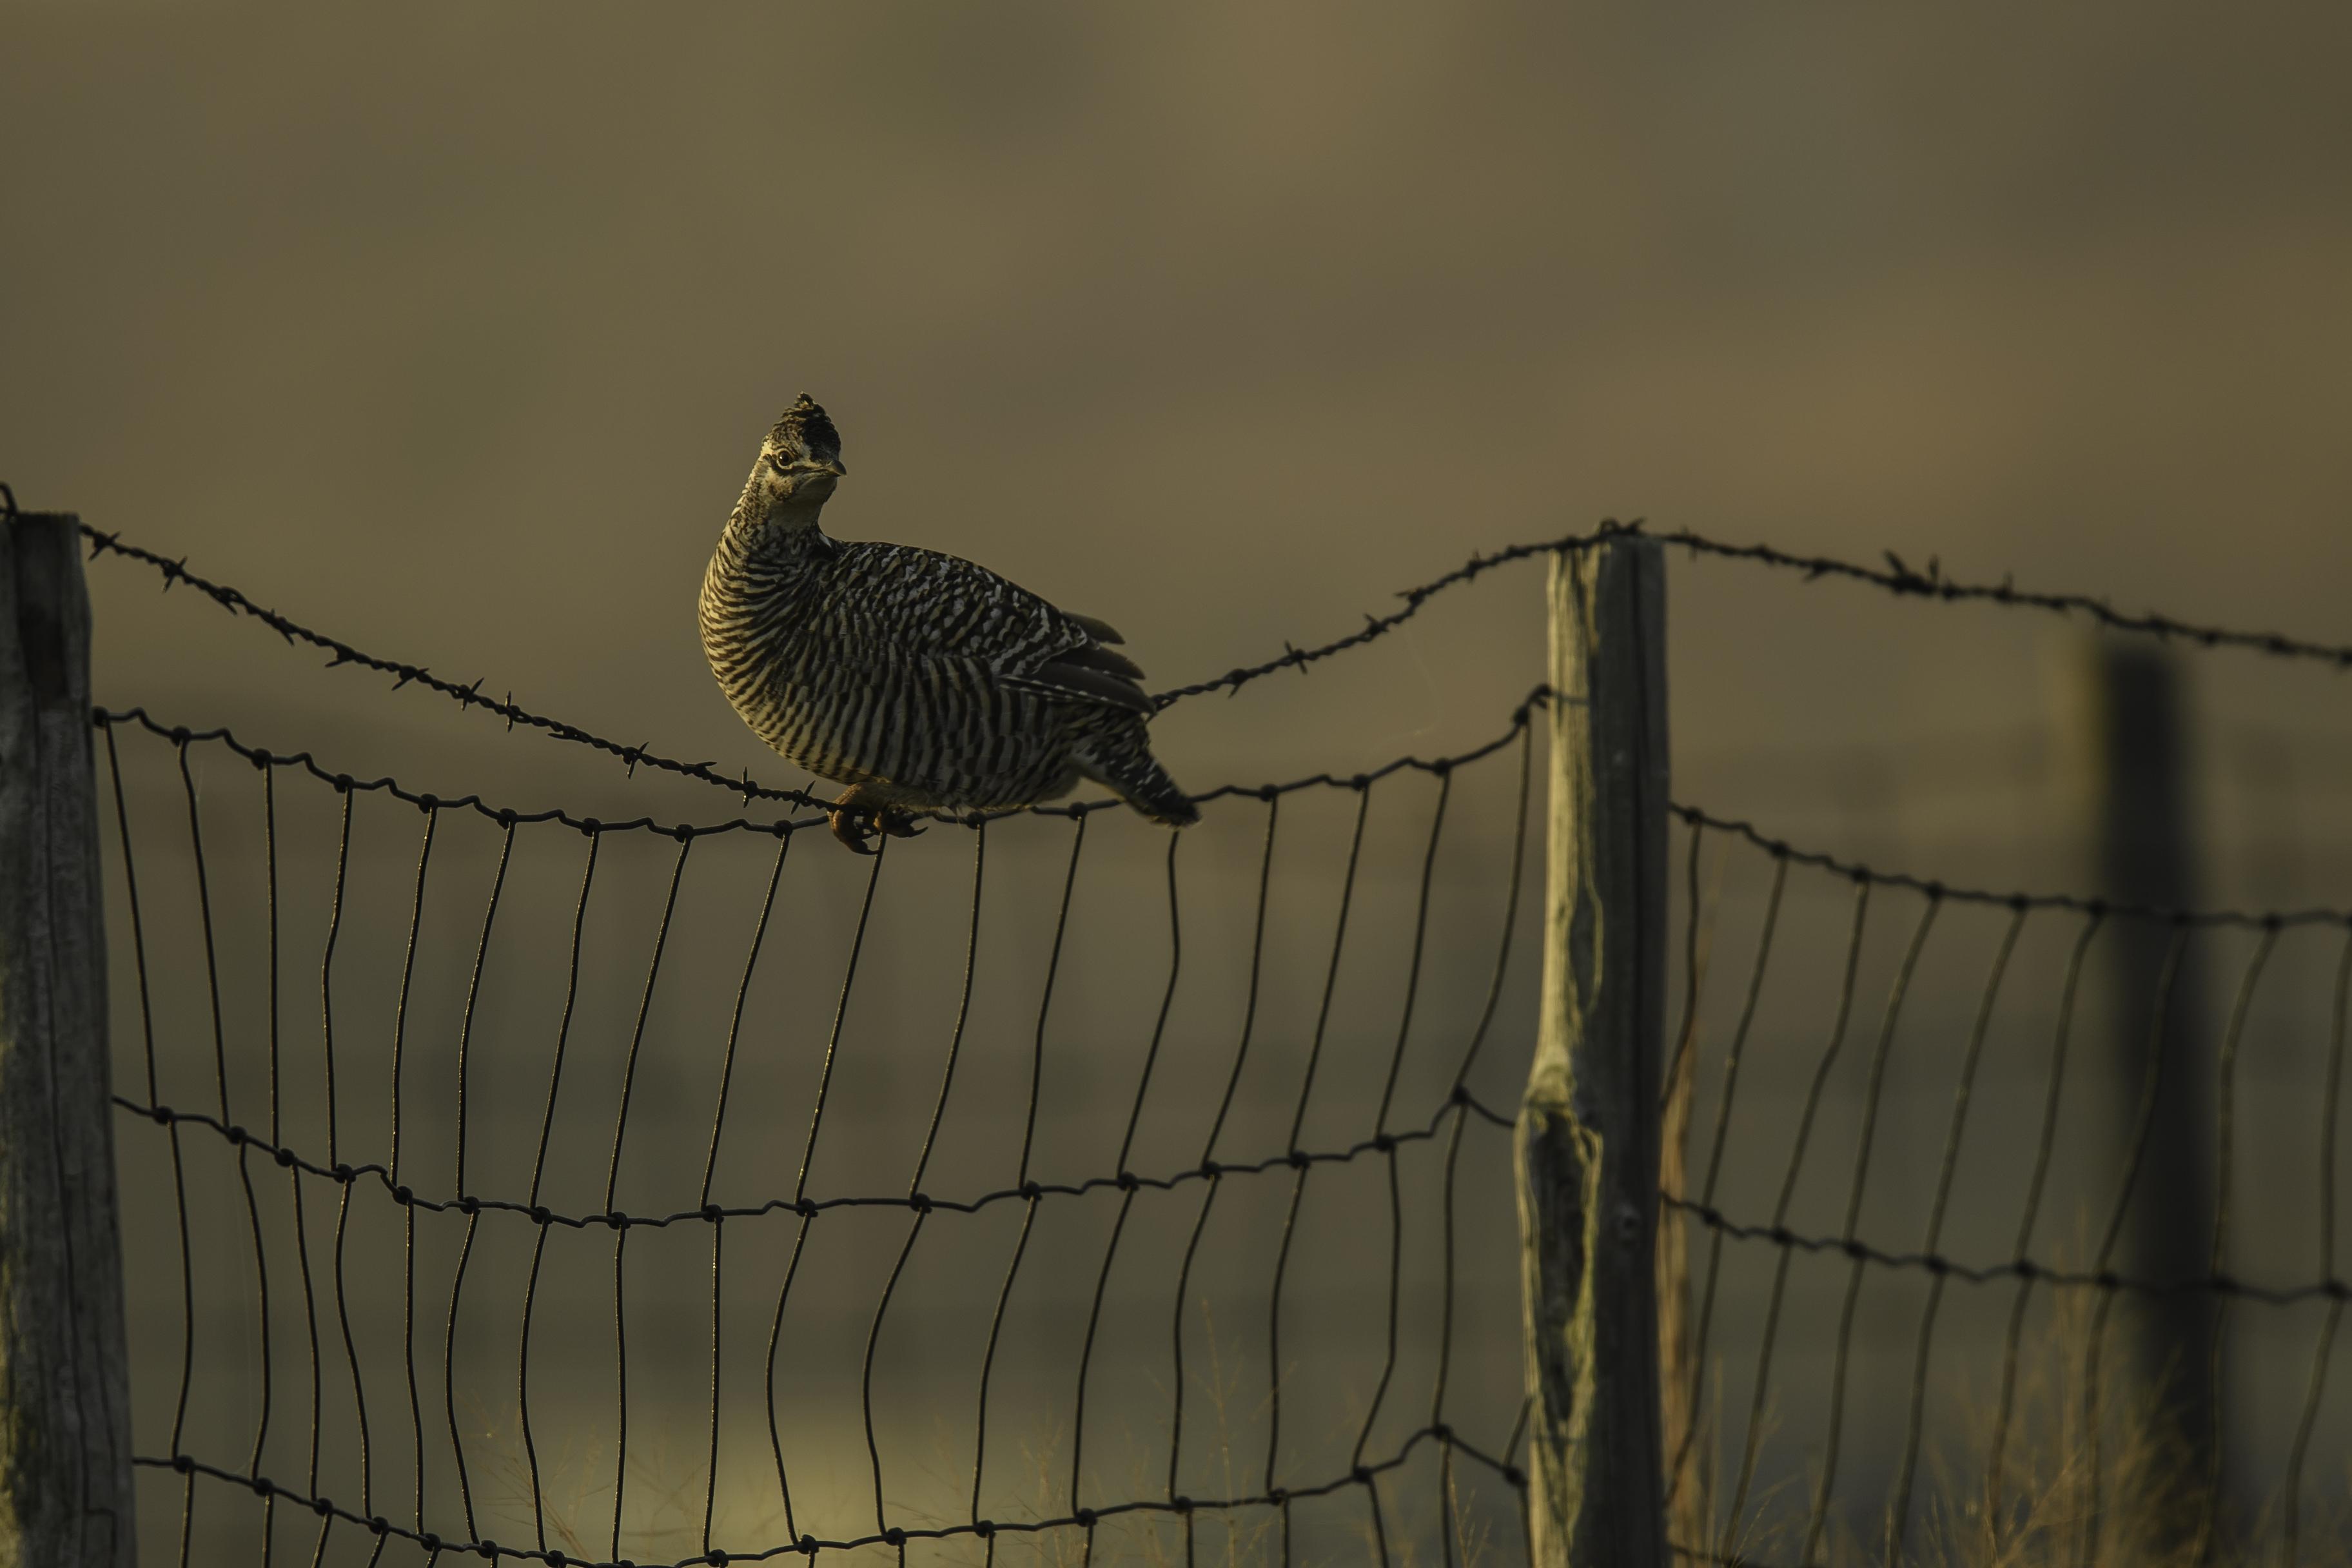 female prairie chic on wire